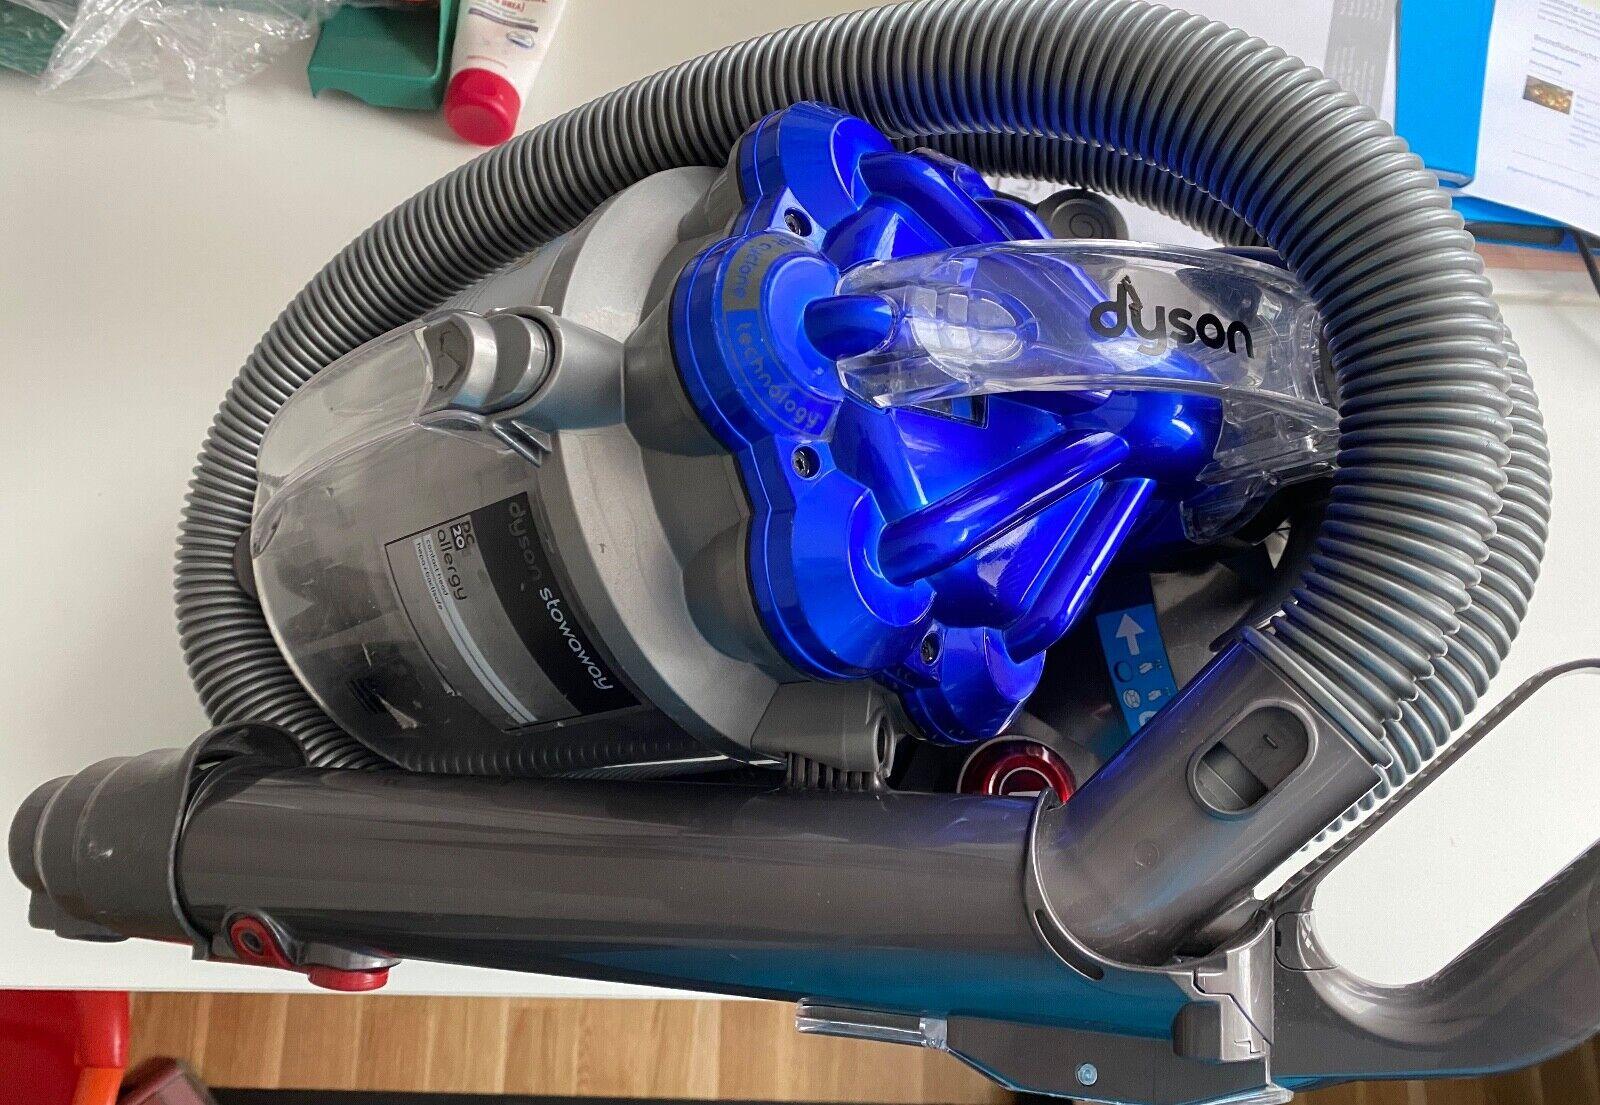 Dyson DC20 1400 W Beutelloser Bodenstaubsauger - Silber/blau